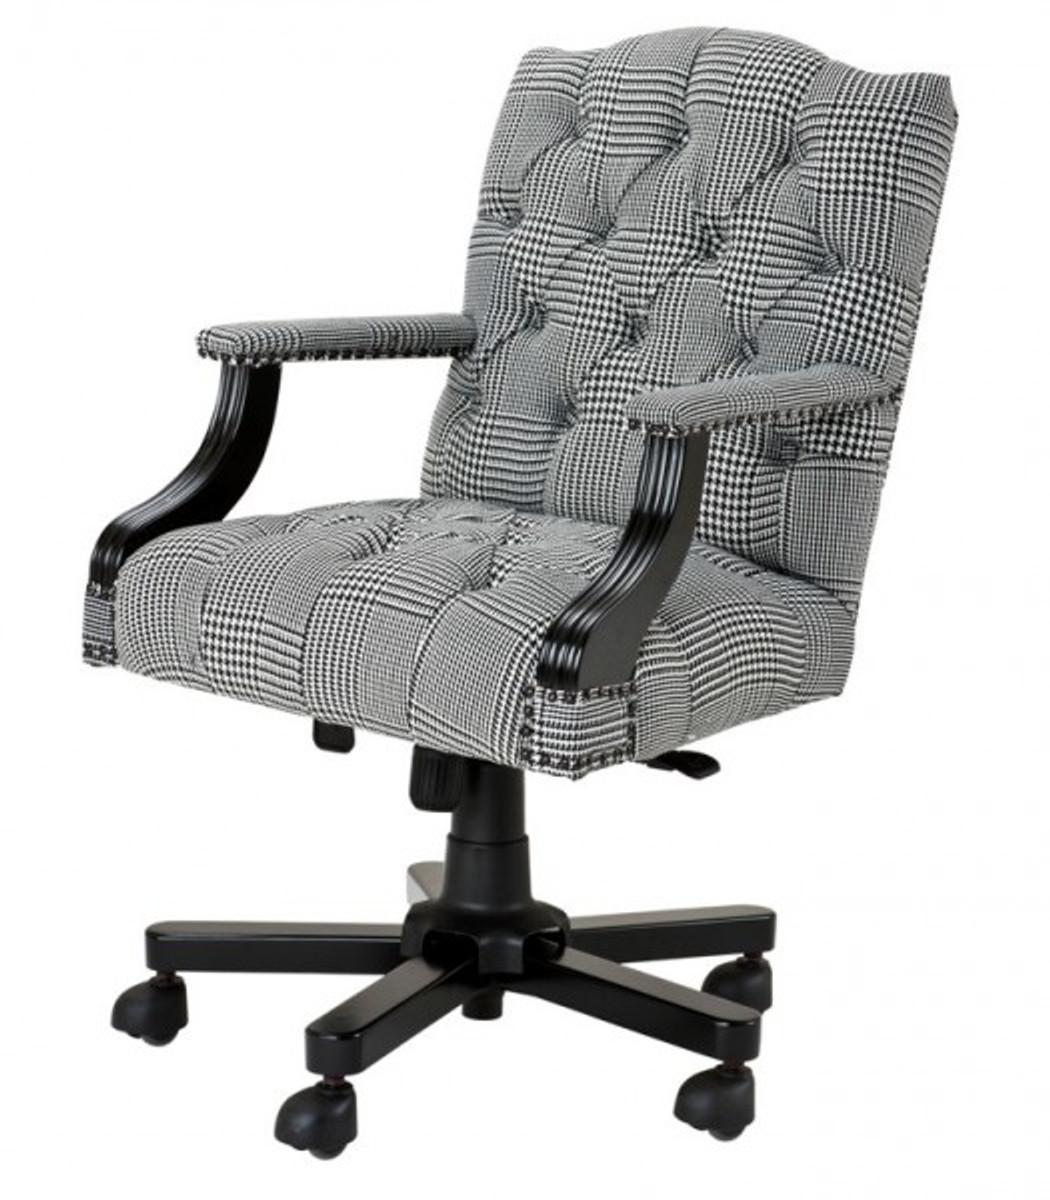 Luxus Chef Buro Stuhl Creme Braun Drehstuhl Schreibtisch Stuhl